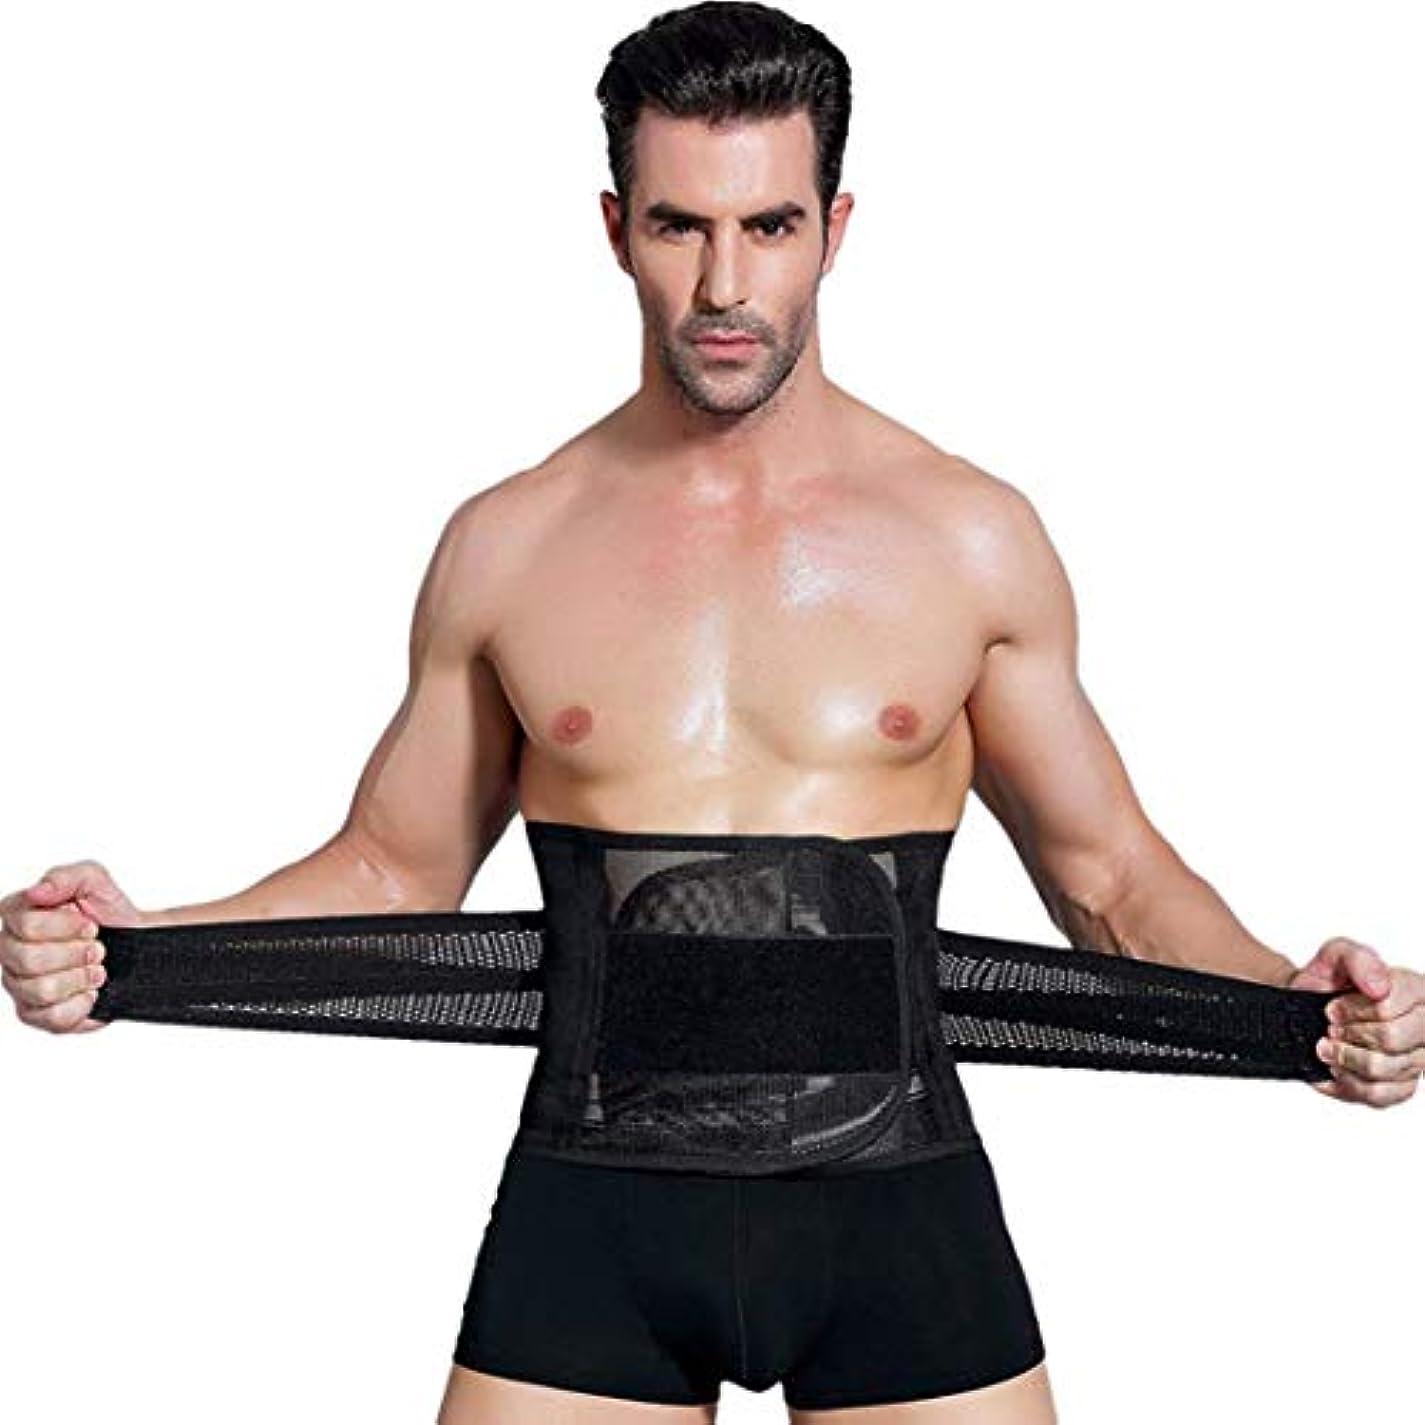 臭い陸軍ベーコン男性ボディシェイパーコルセット腹部おなかコントロールウエストトレーナーニッパー脂肪燃焼ガードル痩身腹ベルト用男性 - ブラックXXL